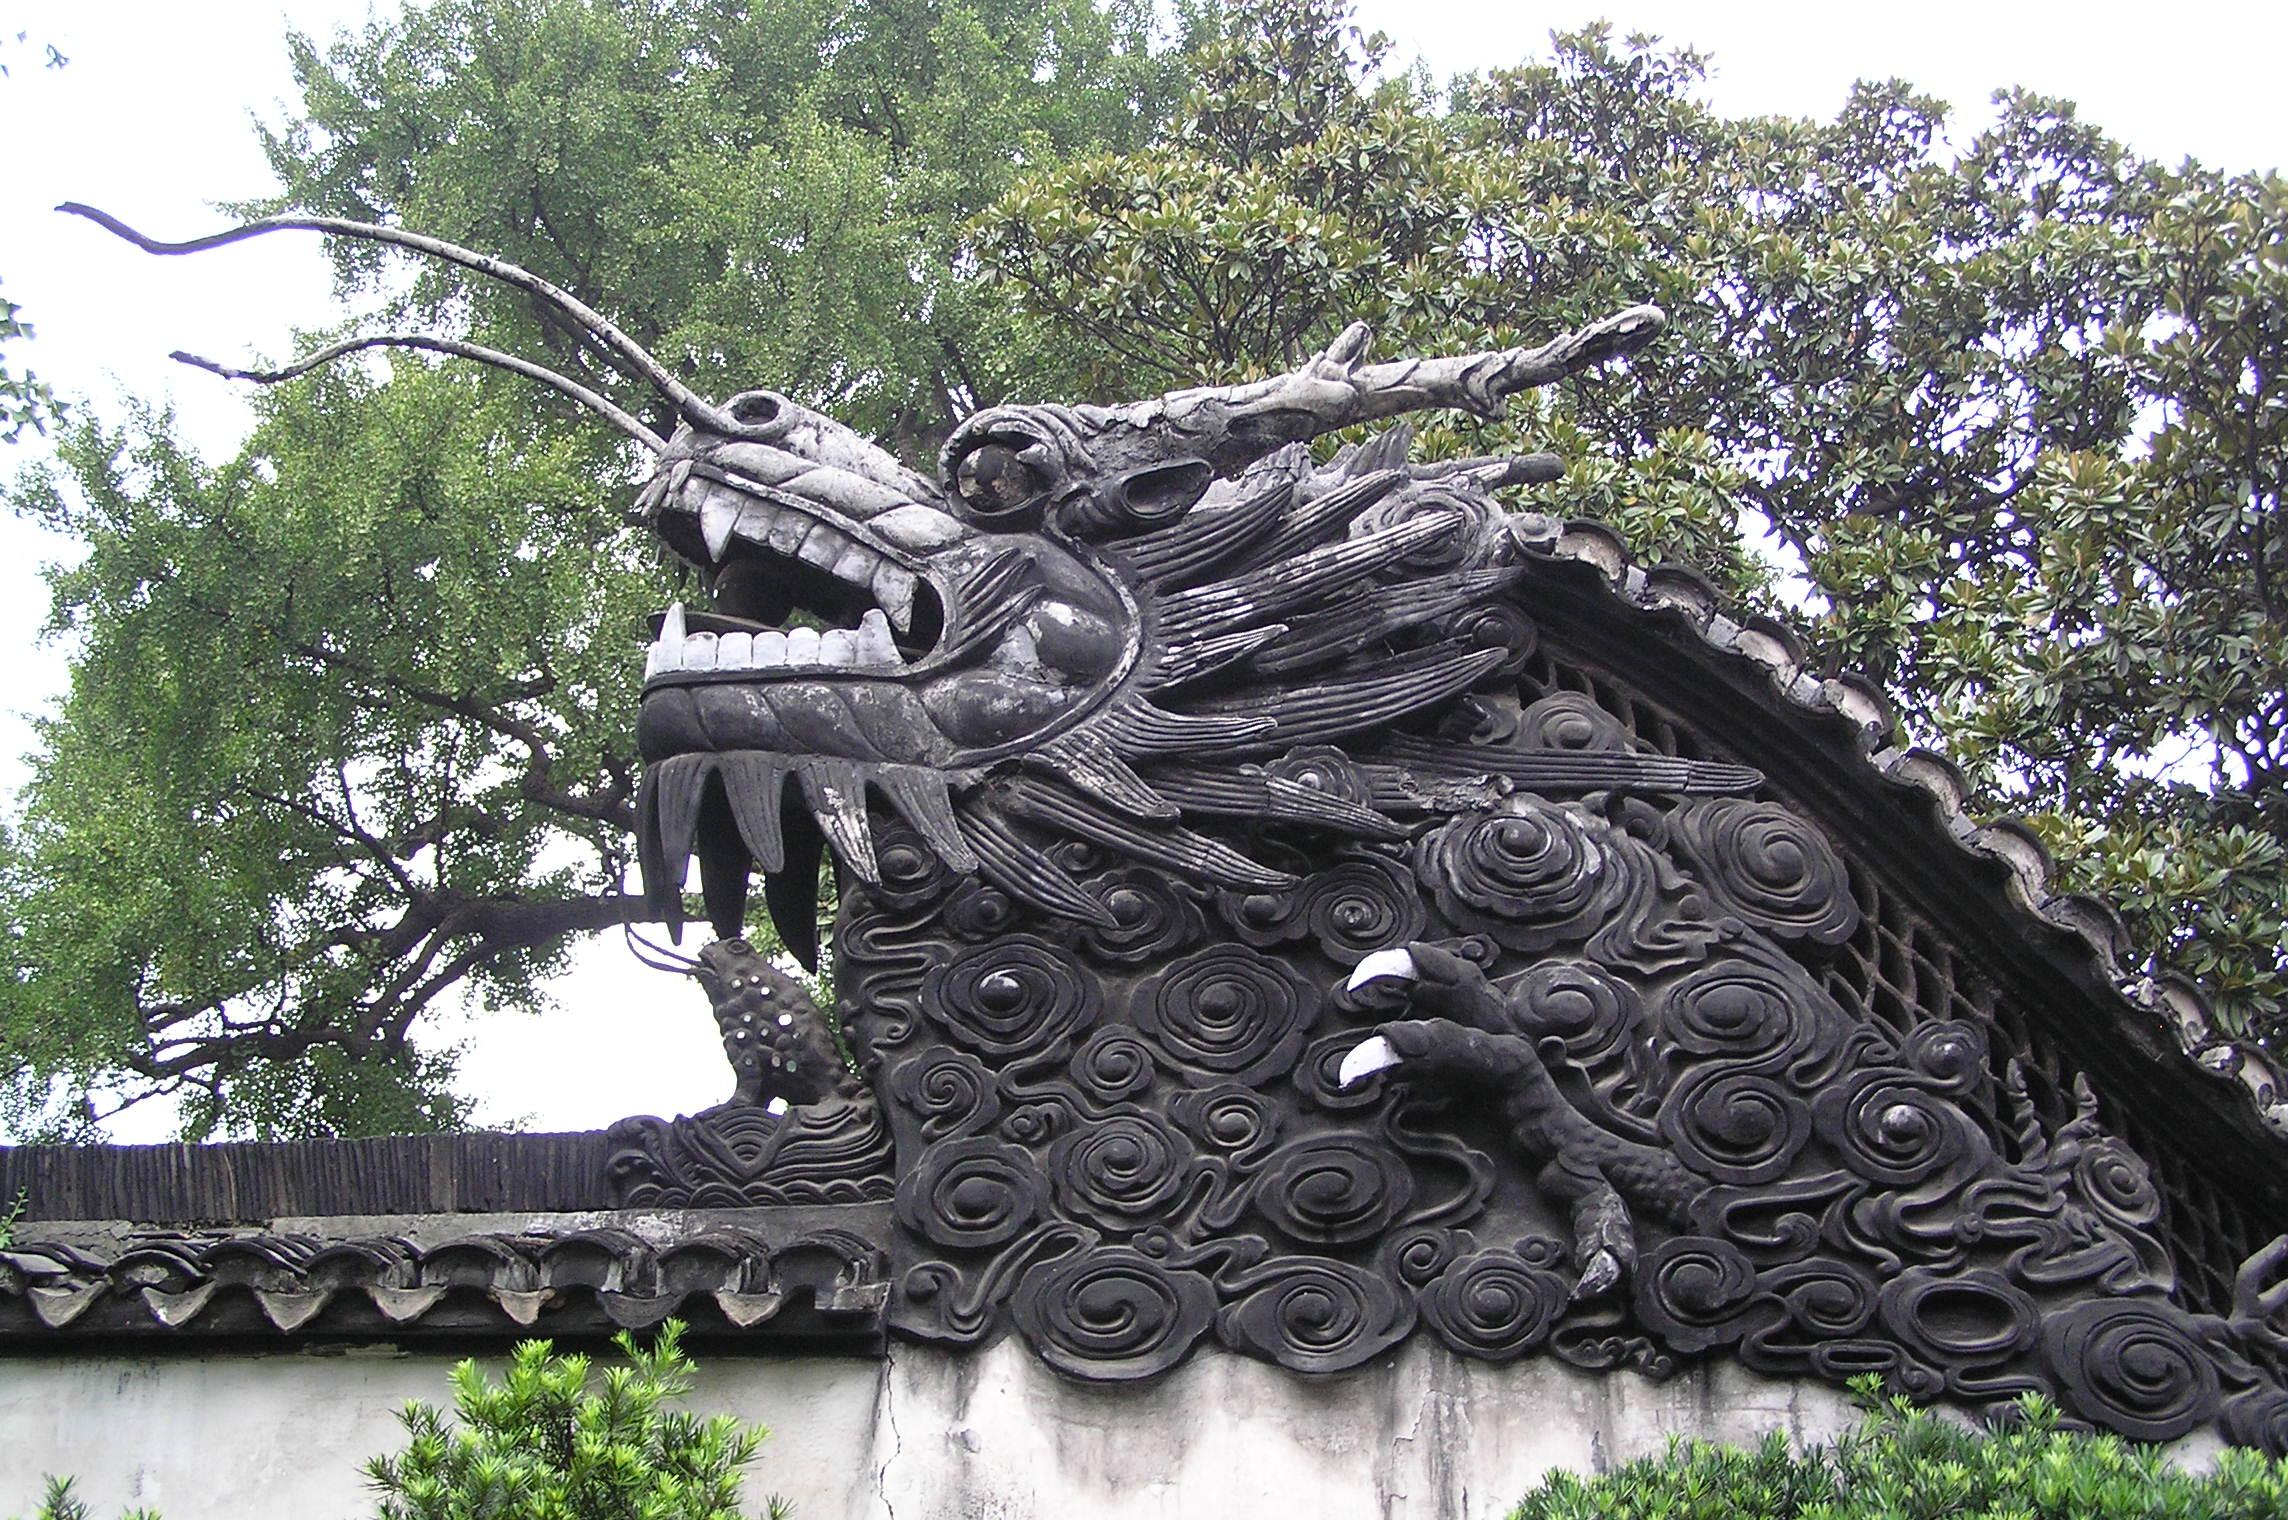 Dragon Garden Chinese Food Poughkeepsie